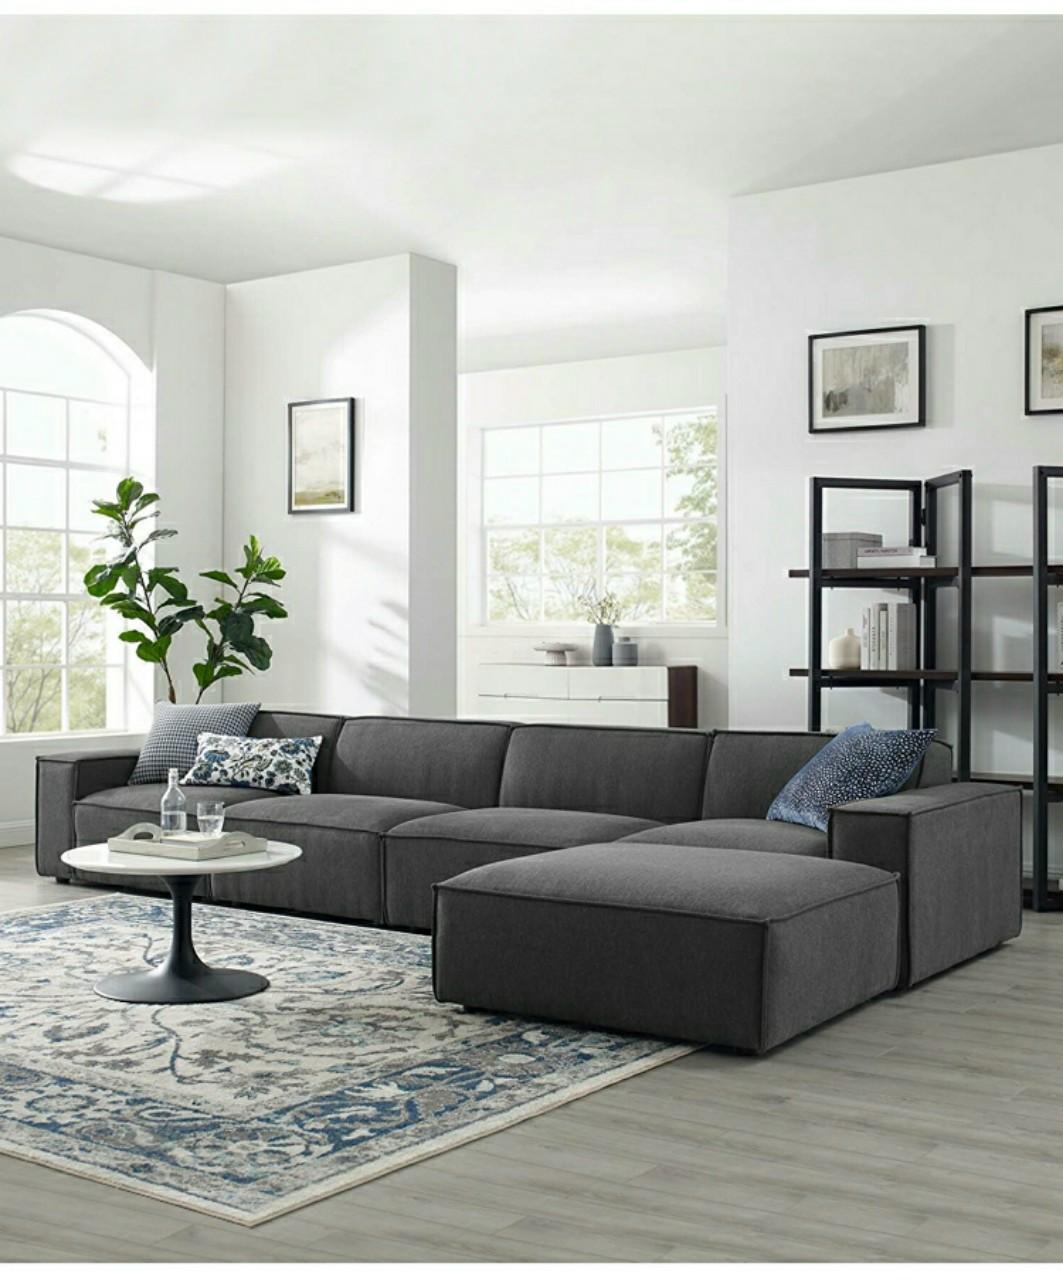 Ghế sofa góc mẫu hiện đại HP654